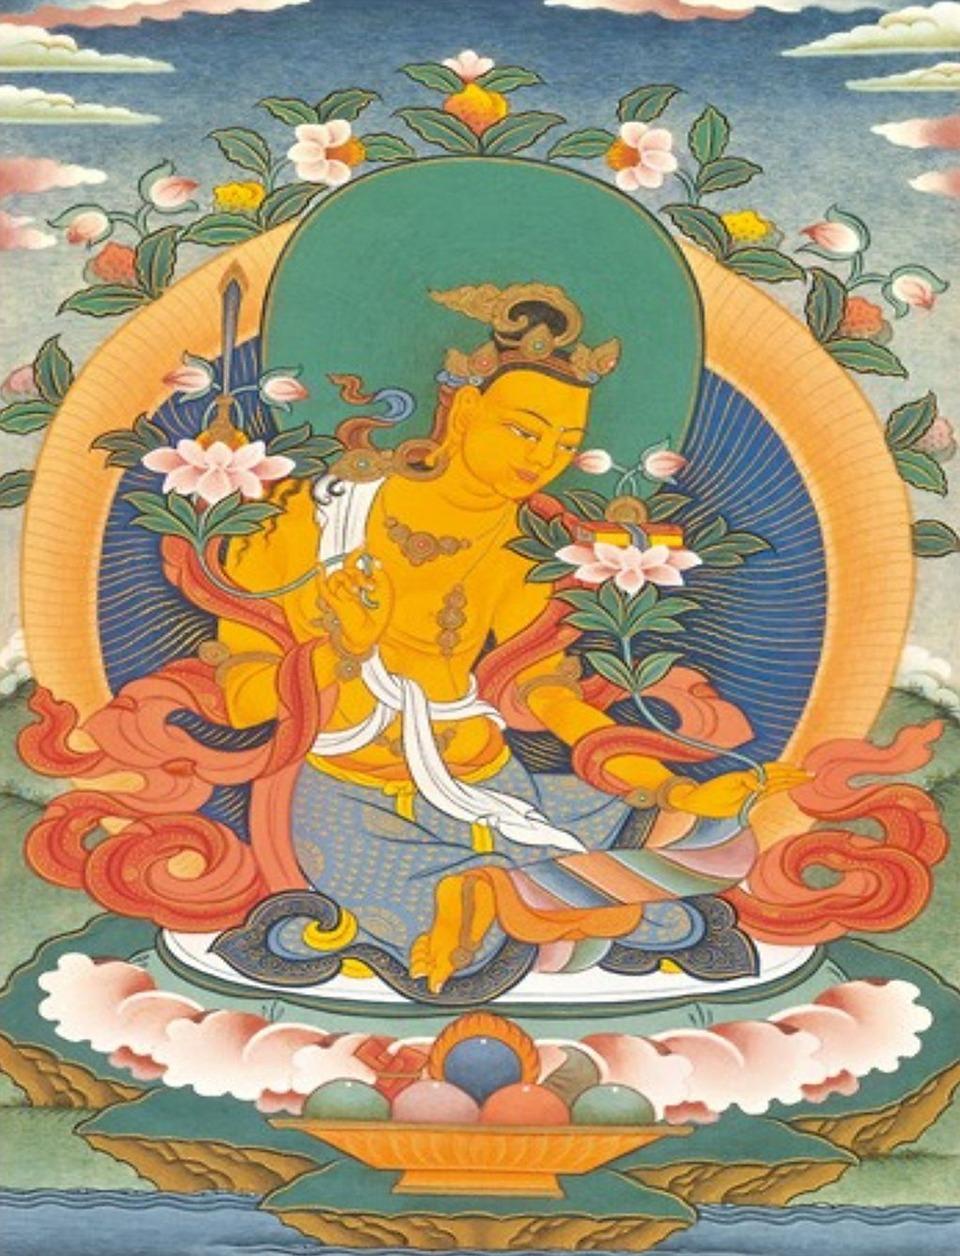 Mañjushri